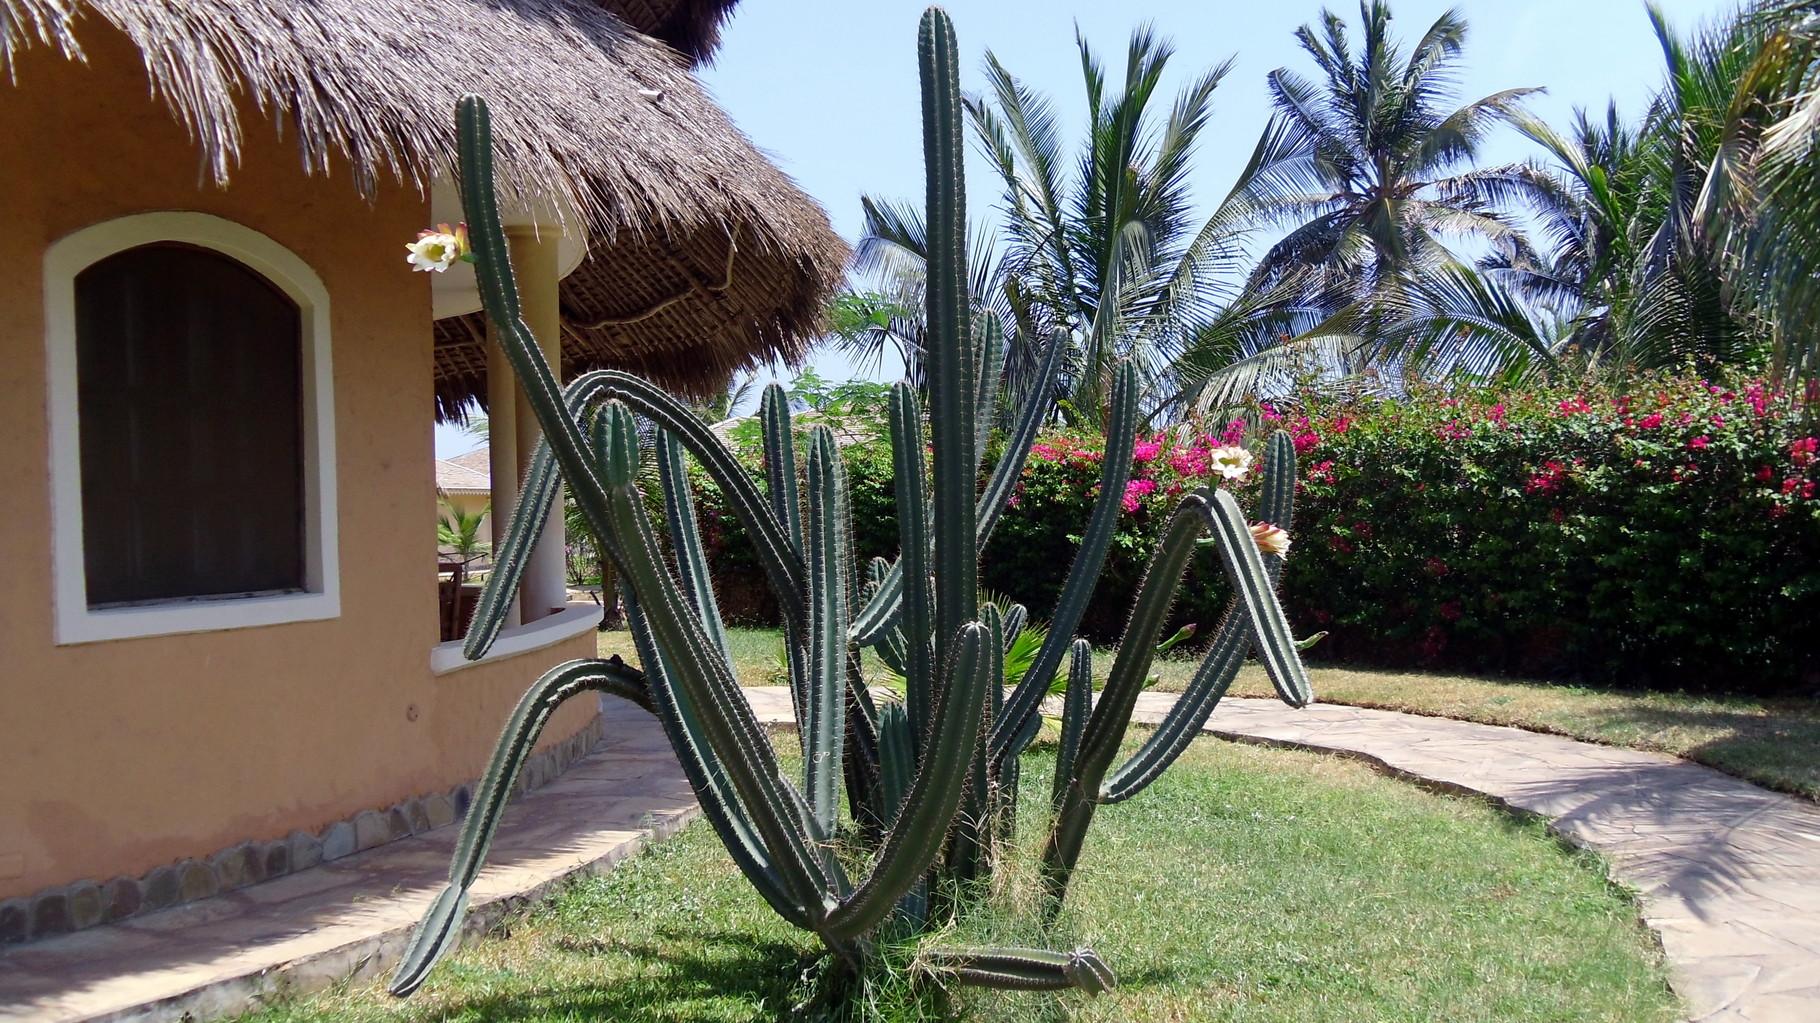 Cactacea - Cactus.